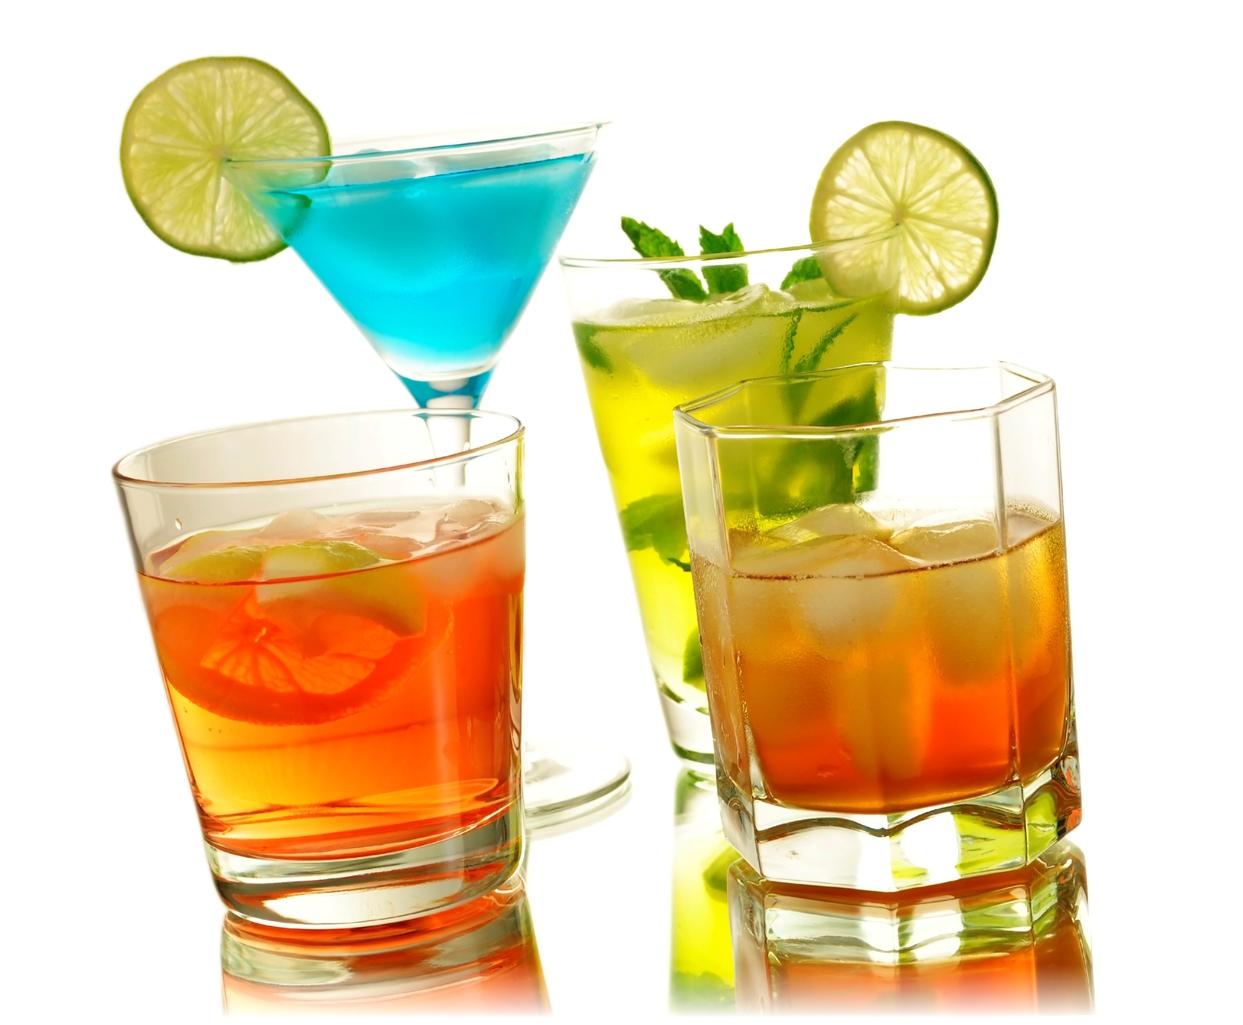 Super 5 OPÇÕES DE DRINKS SEM ÁLCOOL PARA SUA FESTA DE 15 ANOS | Tio Sam  QI94